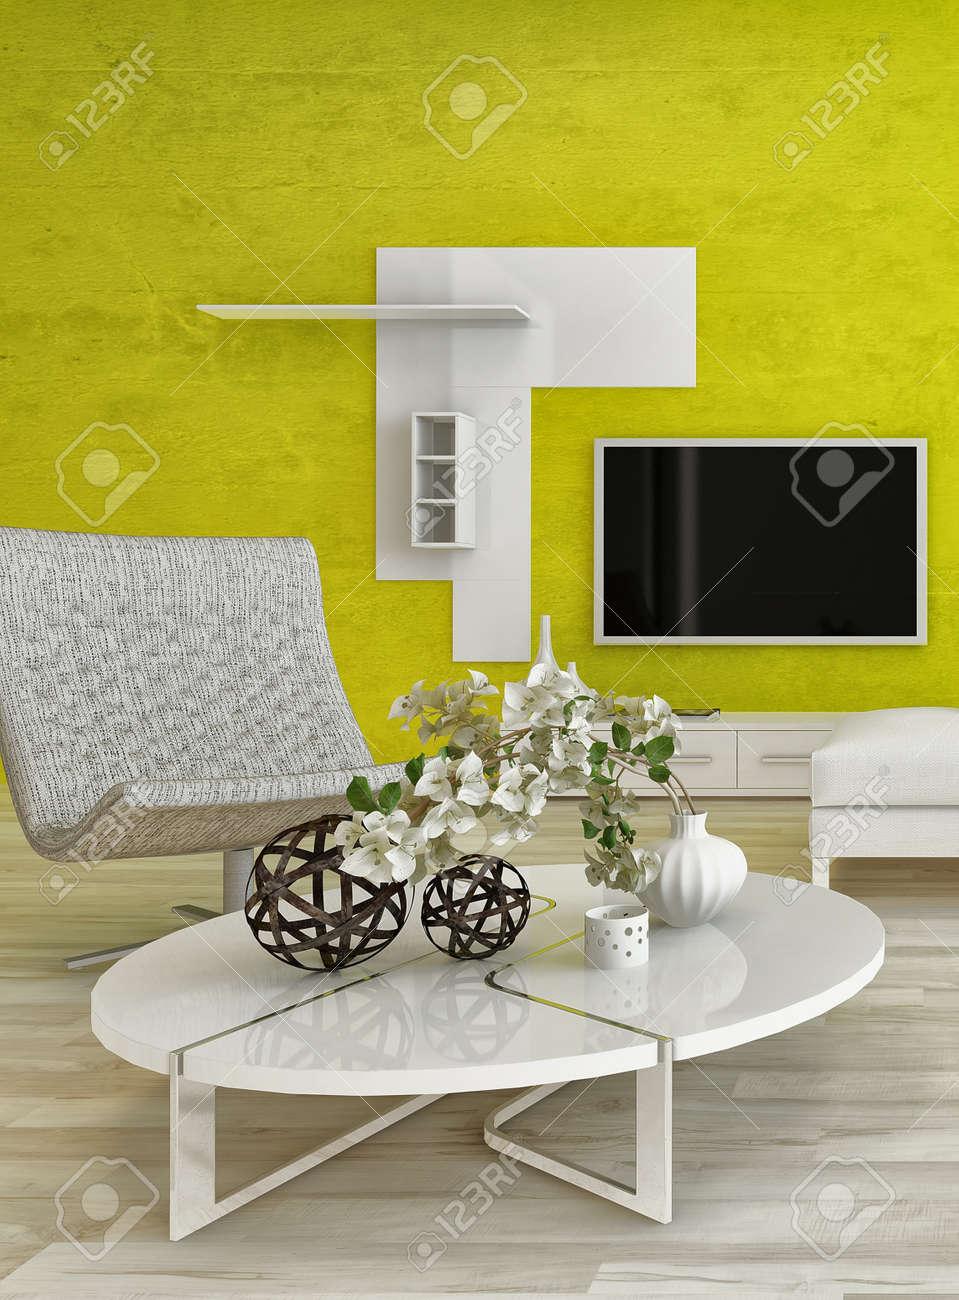 Modernes Design Wohnzimmer Innenraum Mit Schönen Möbeln Und ...